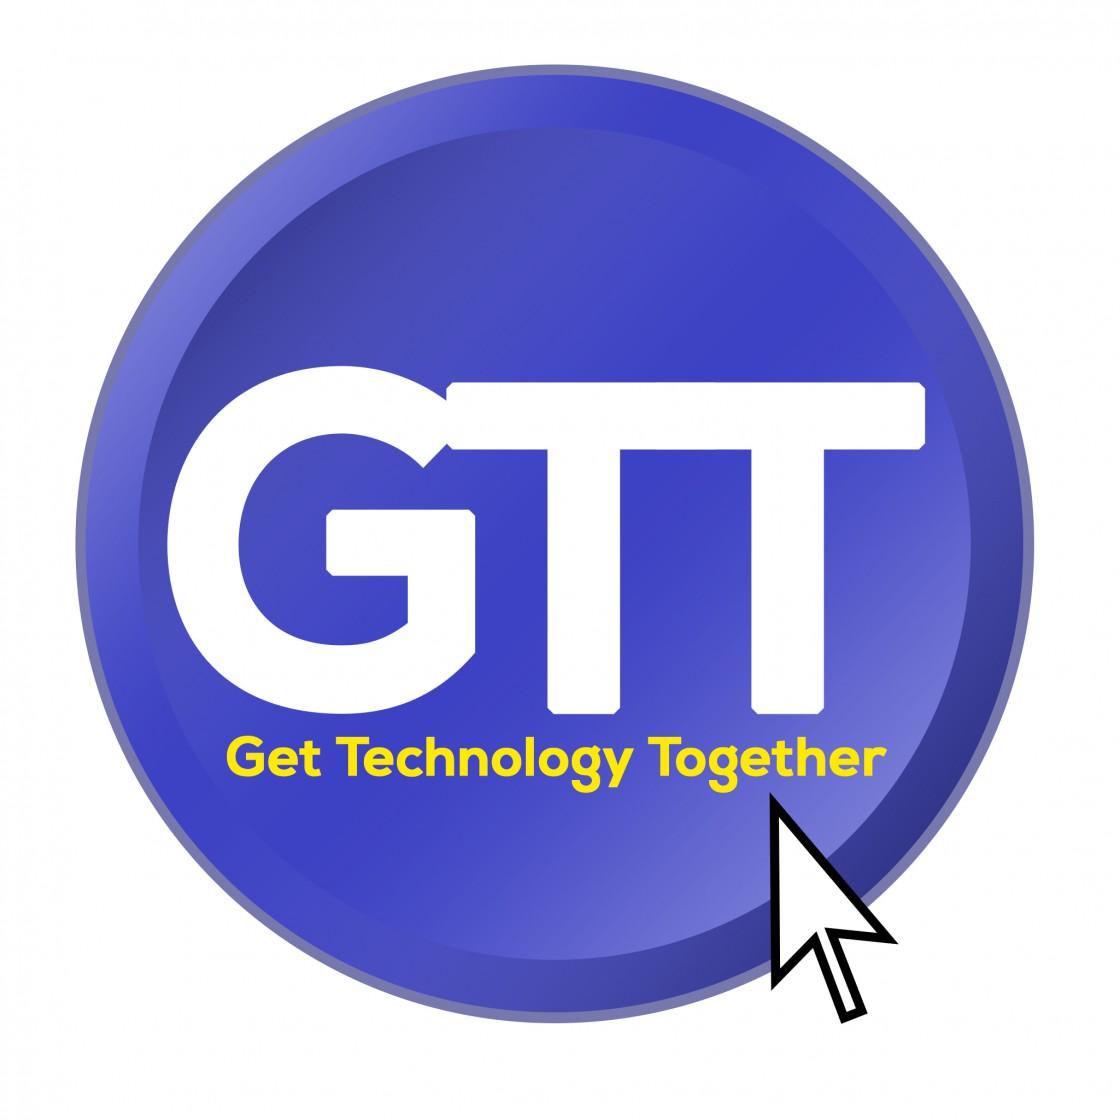 Get Technology Together